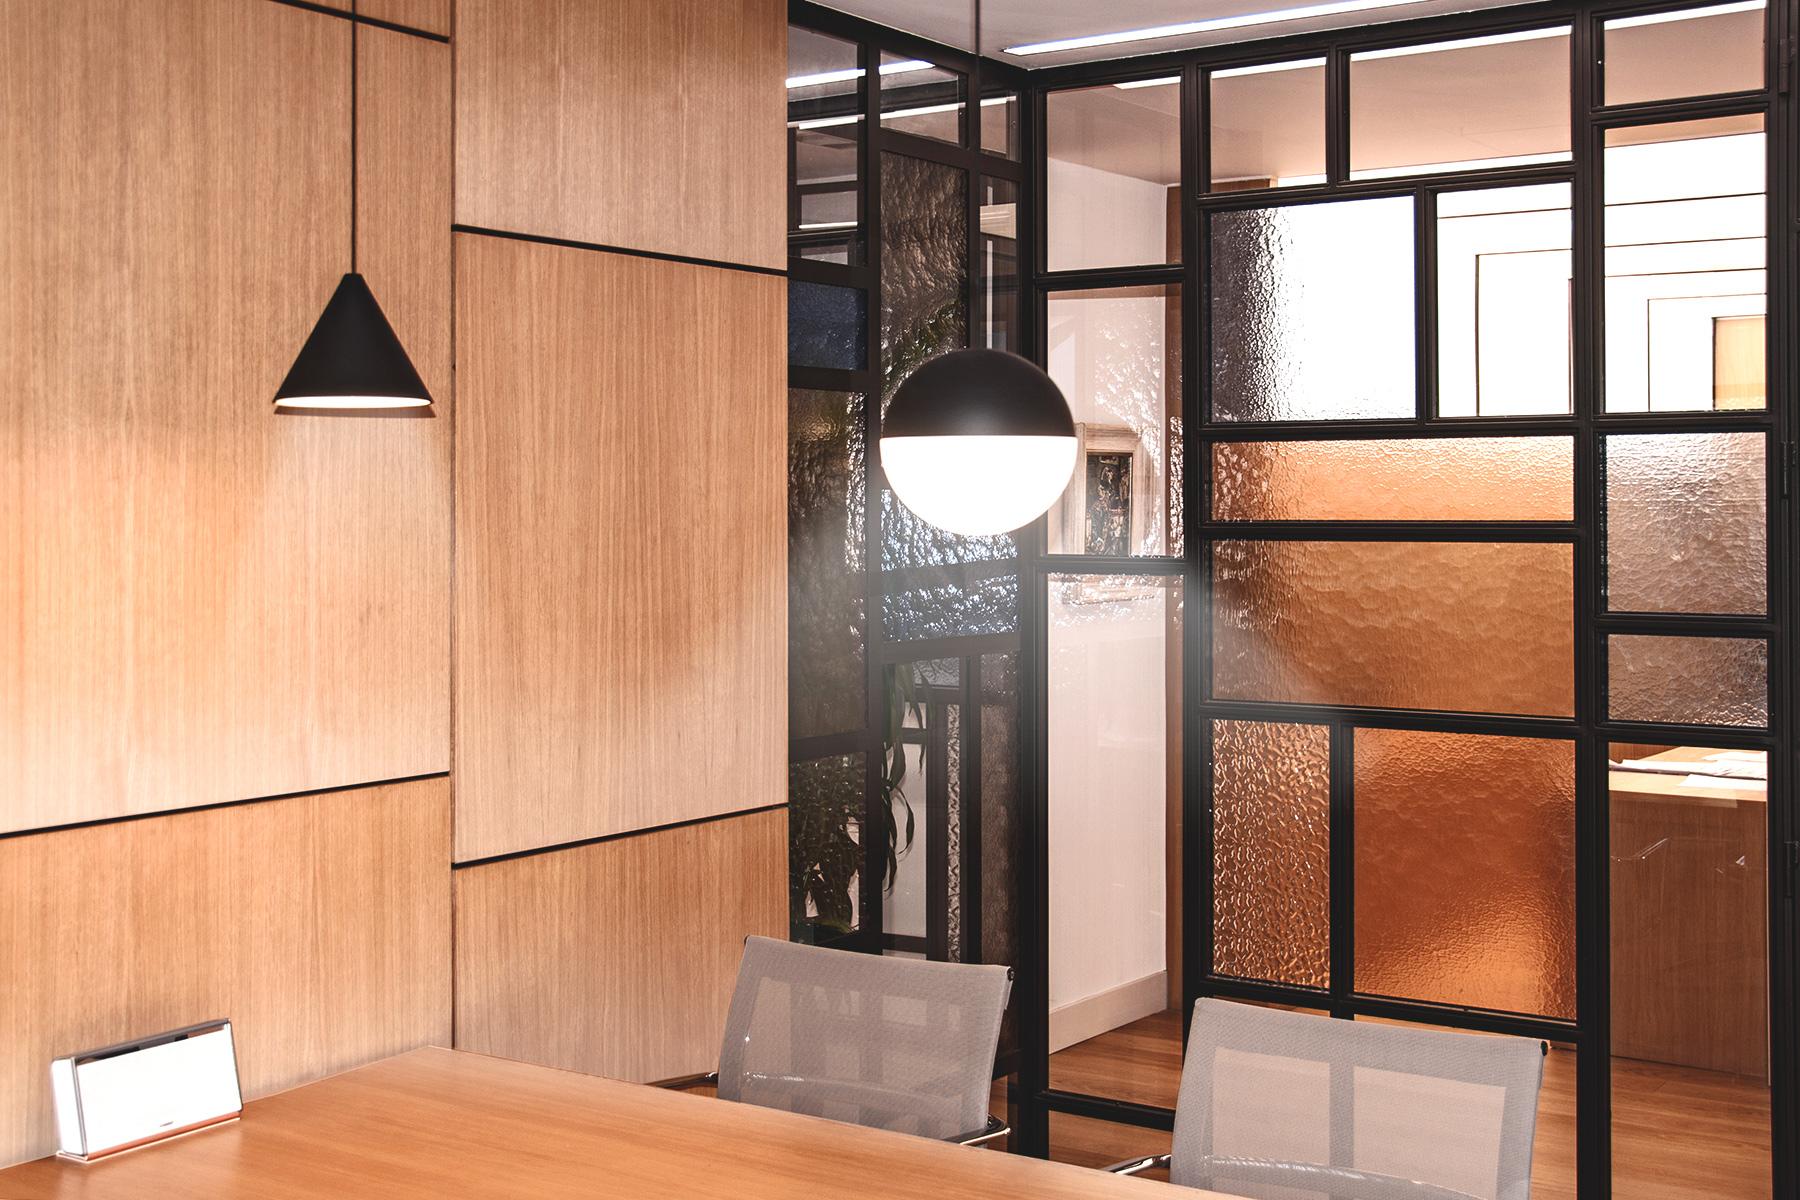 lámparas techo y vidriera